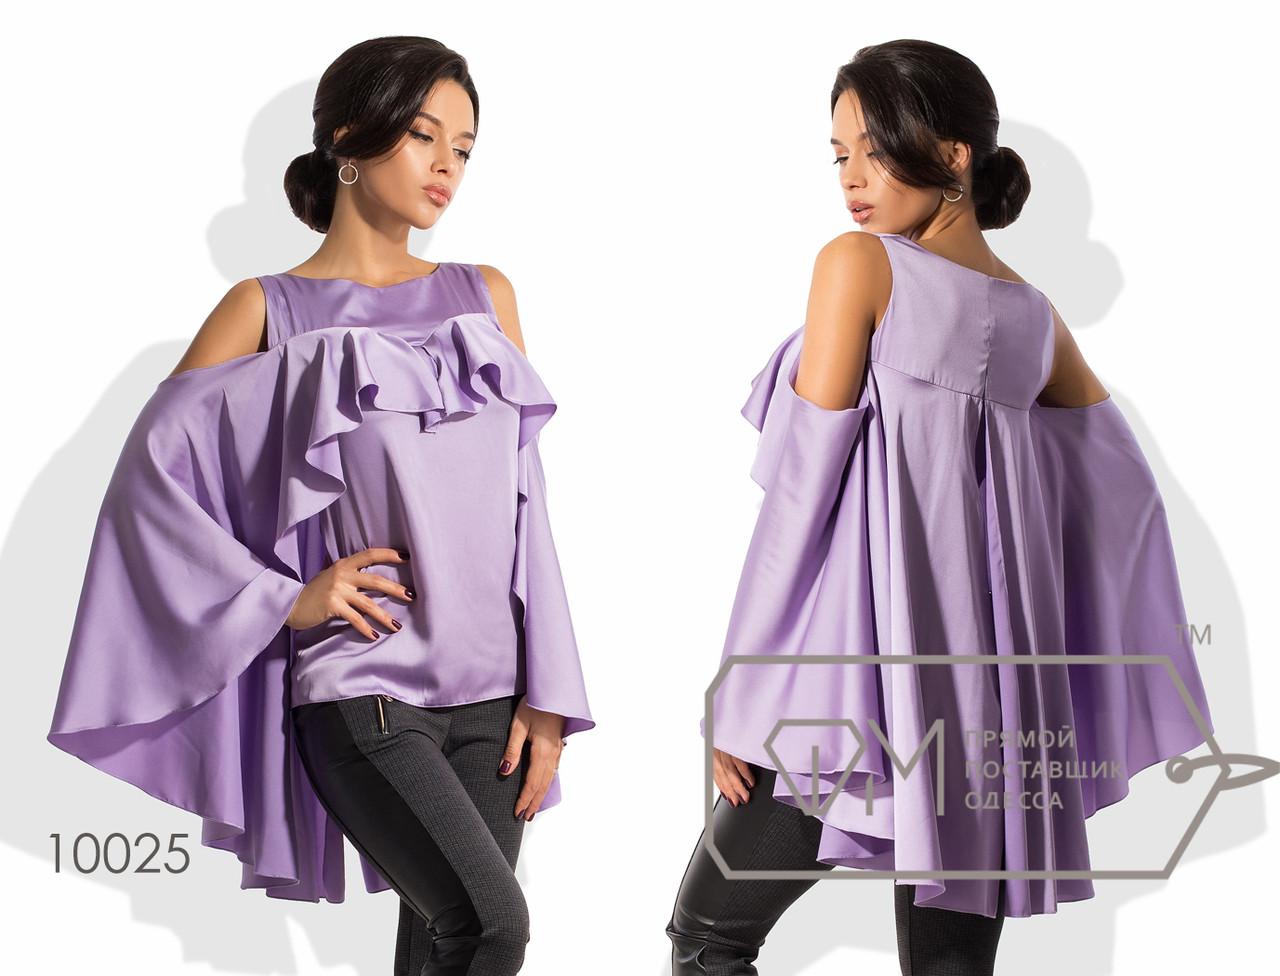 Блуза-кейп прямая из шёлка армани с оголёнными плечами и поперечной оборкой на груди, переходящей в асимметричную пелерину с разрезом сзади 10025